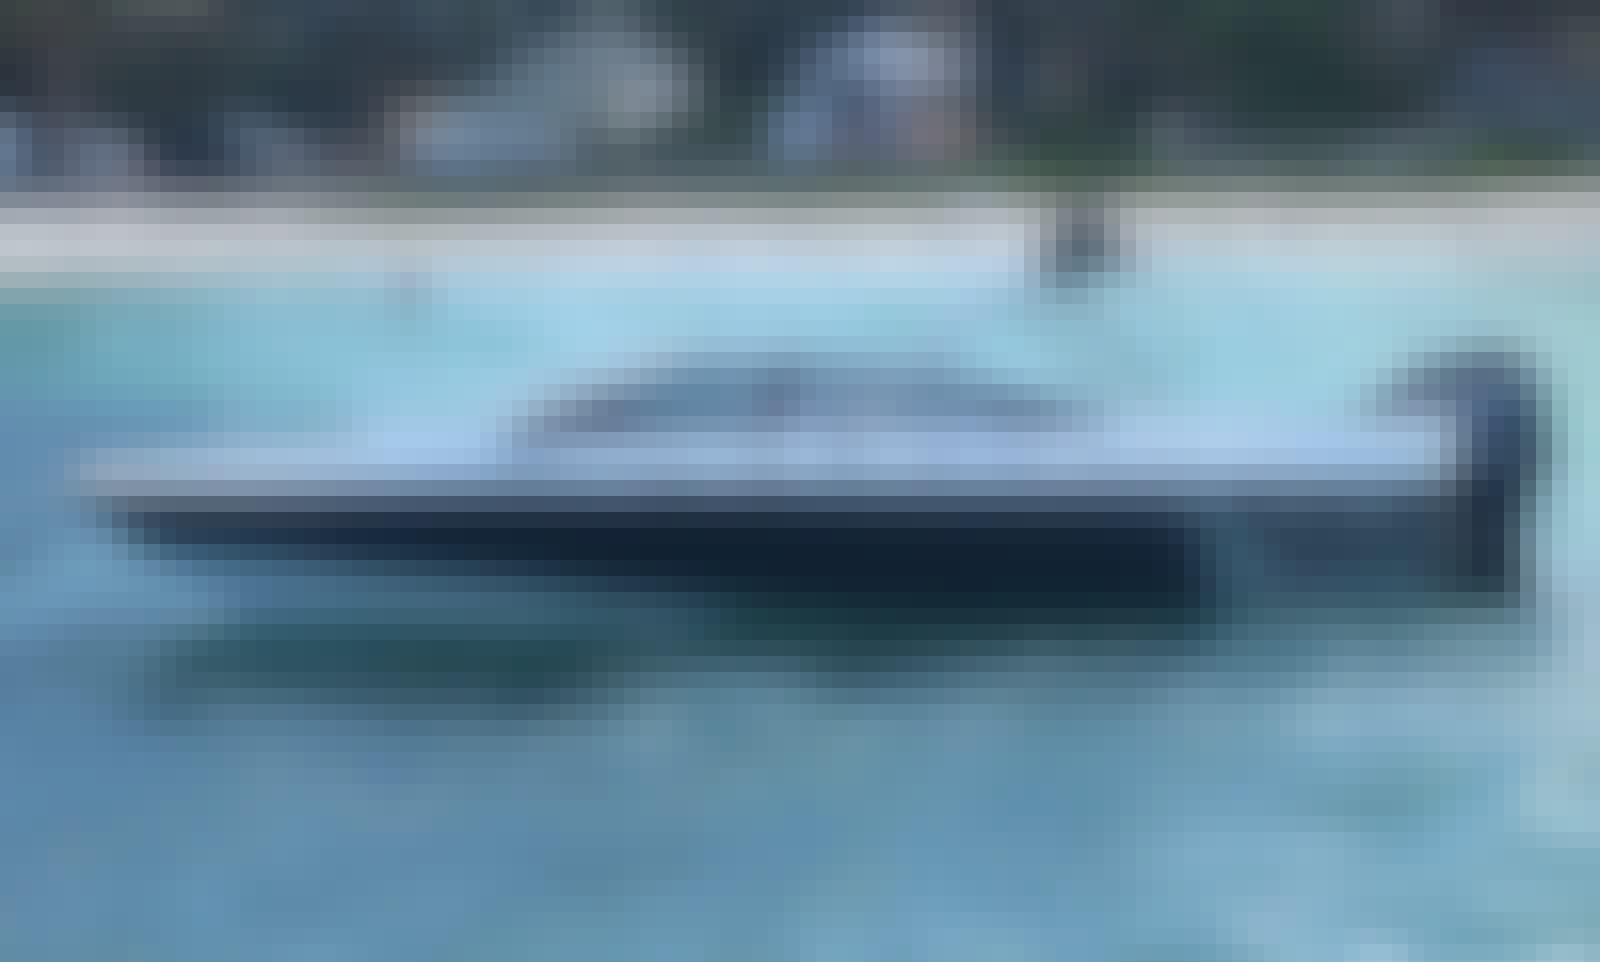 Full Day Charter on 20' Bayliner Capri Bowrider In Nassau, The Bahamas